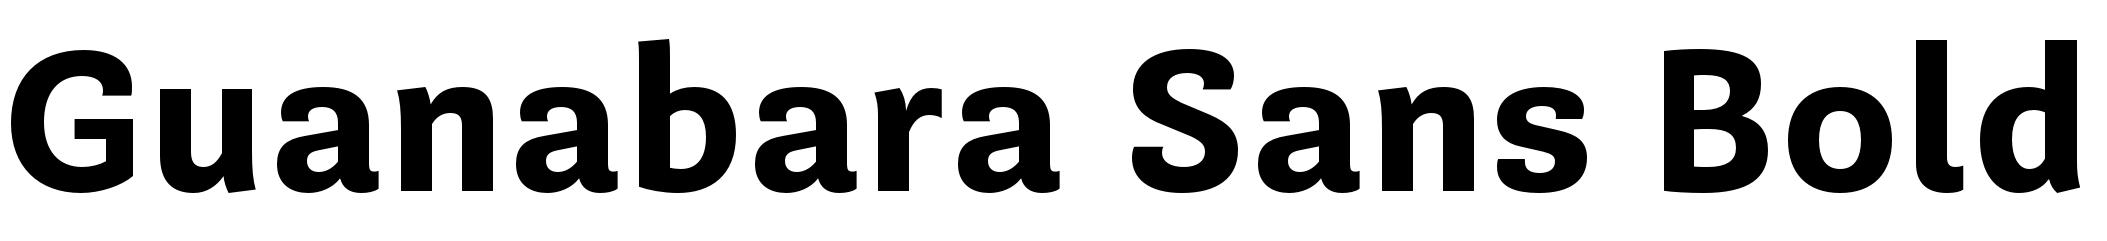 Guanabara Sans Bold